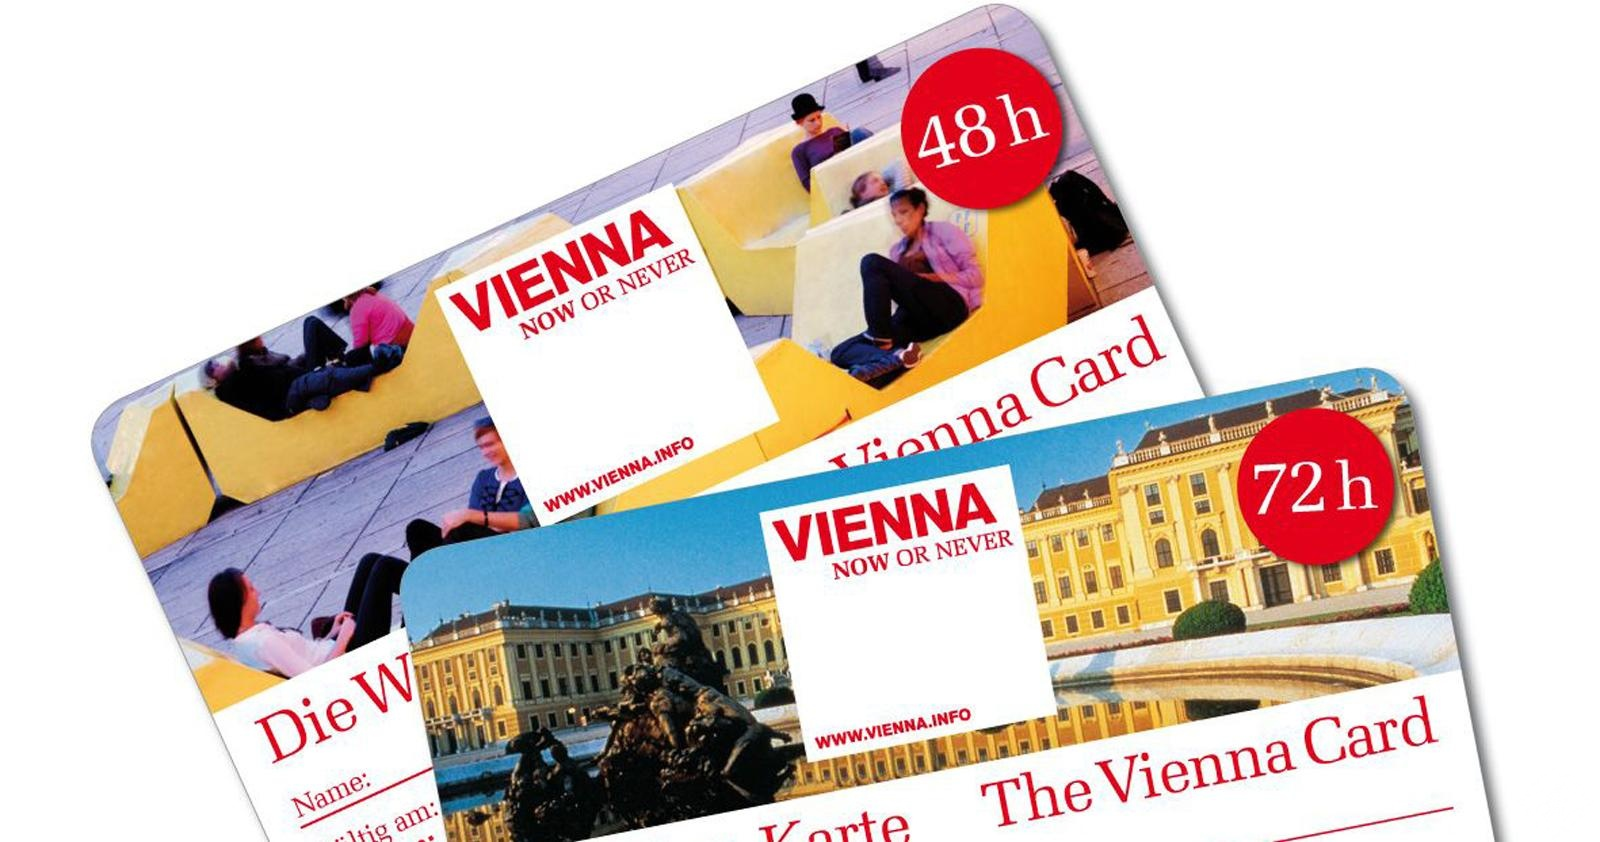 بطاقة فيينا